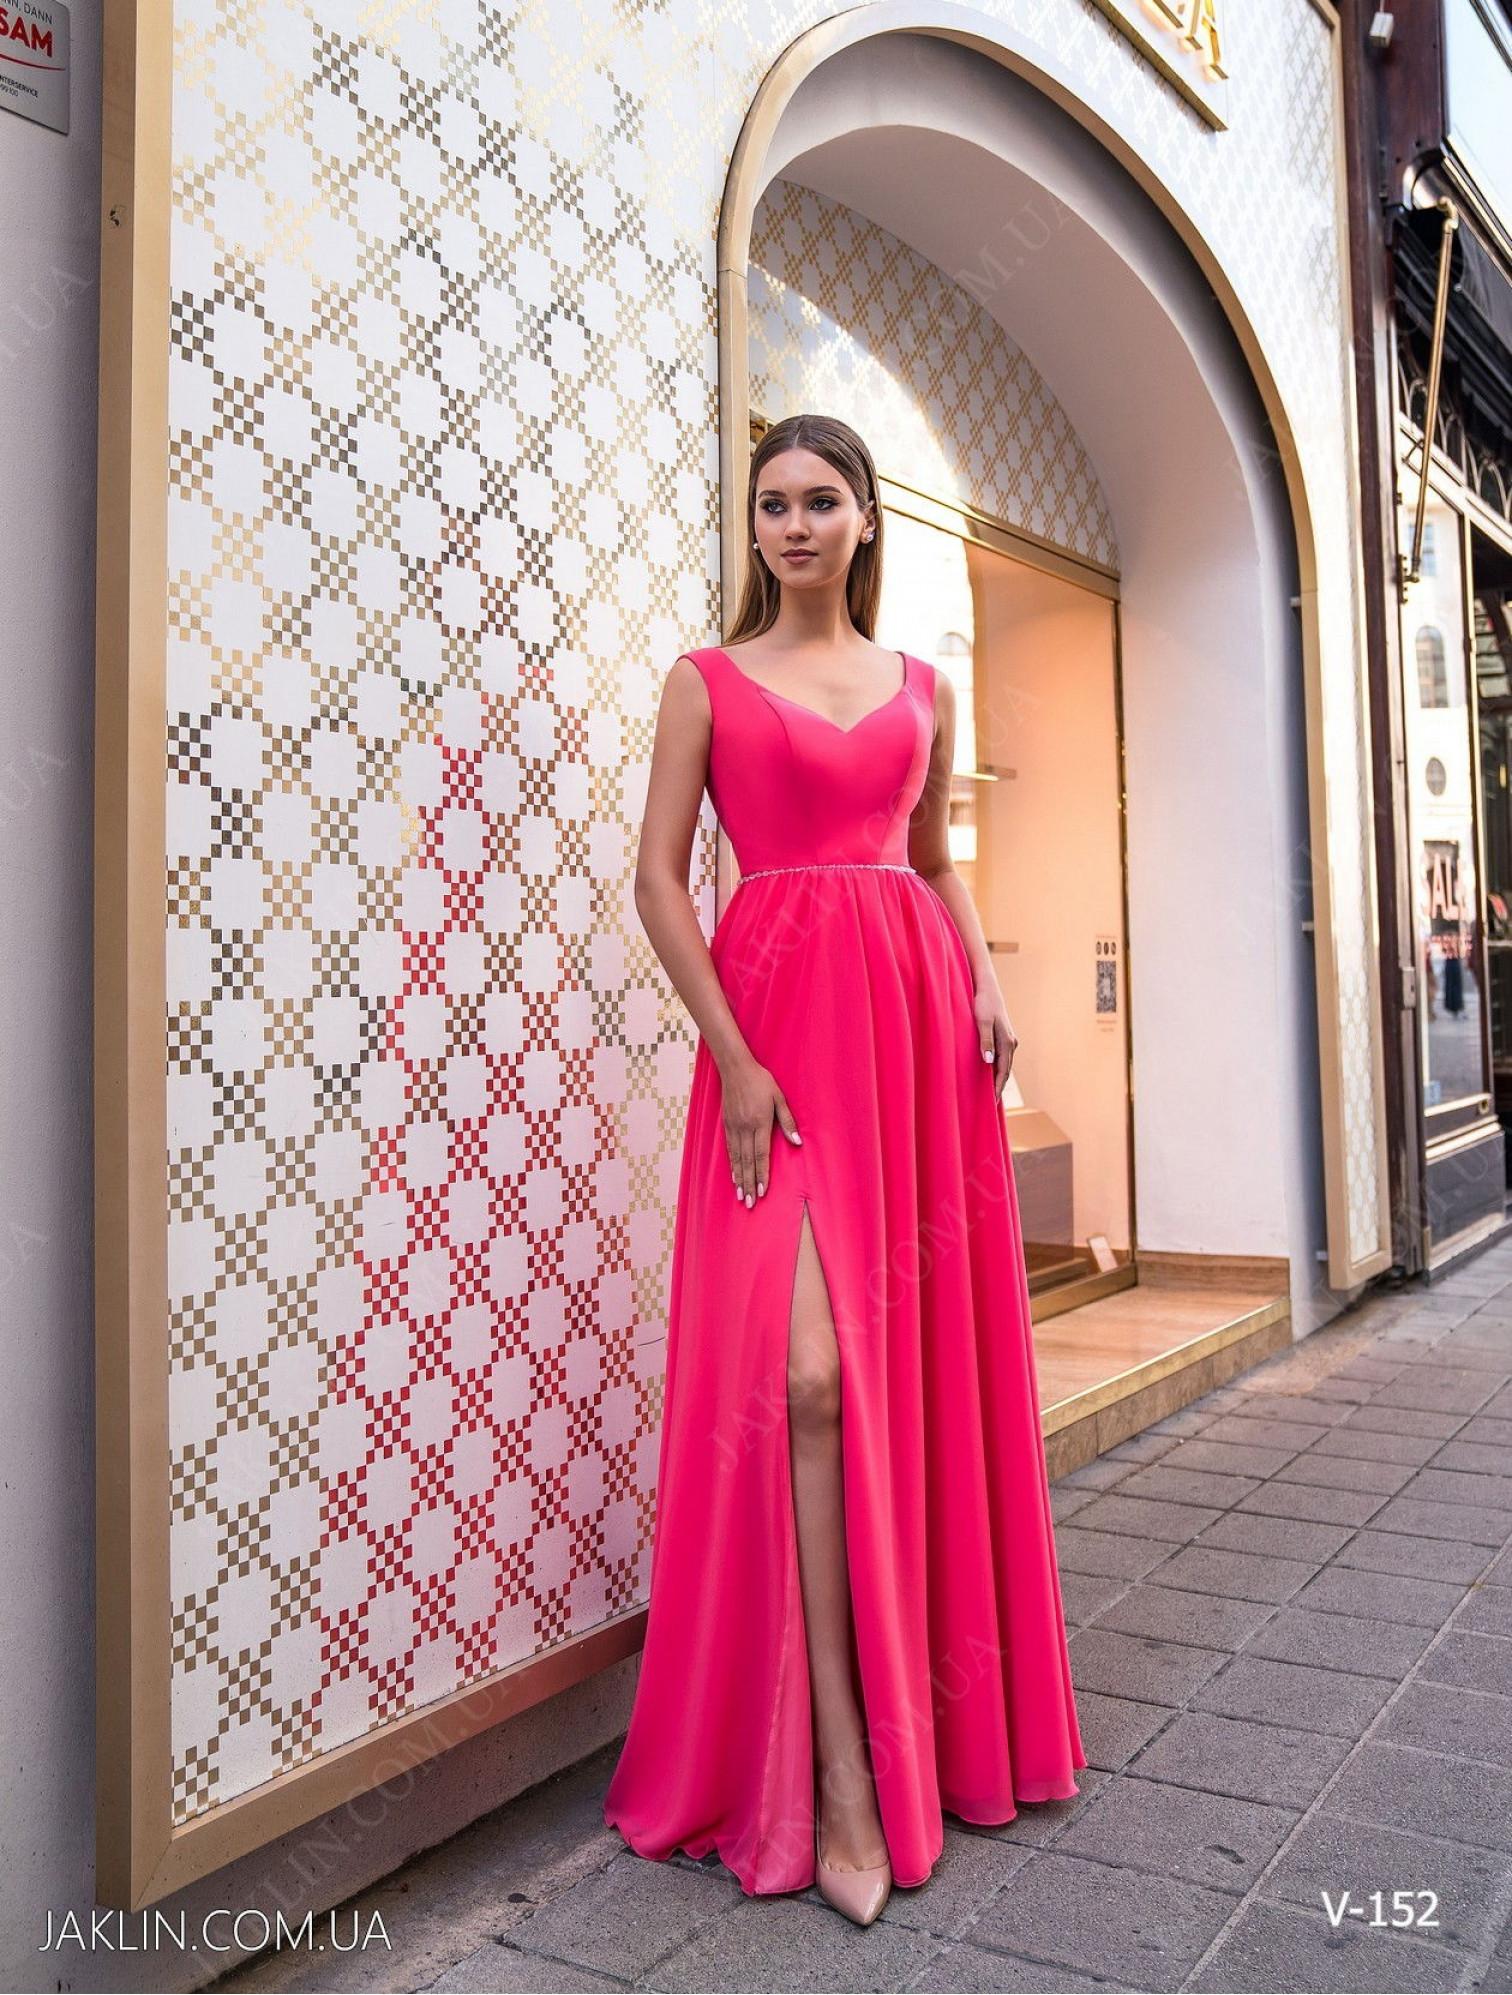 Вечернее платье V-152